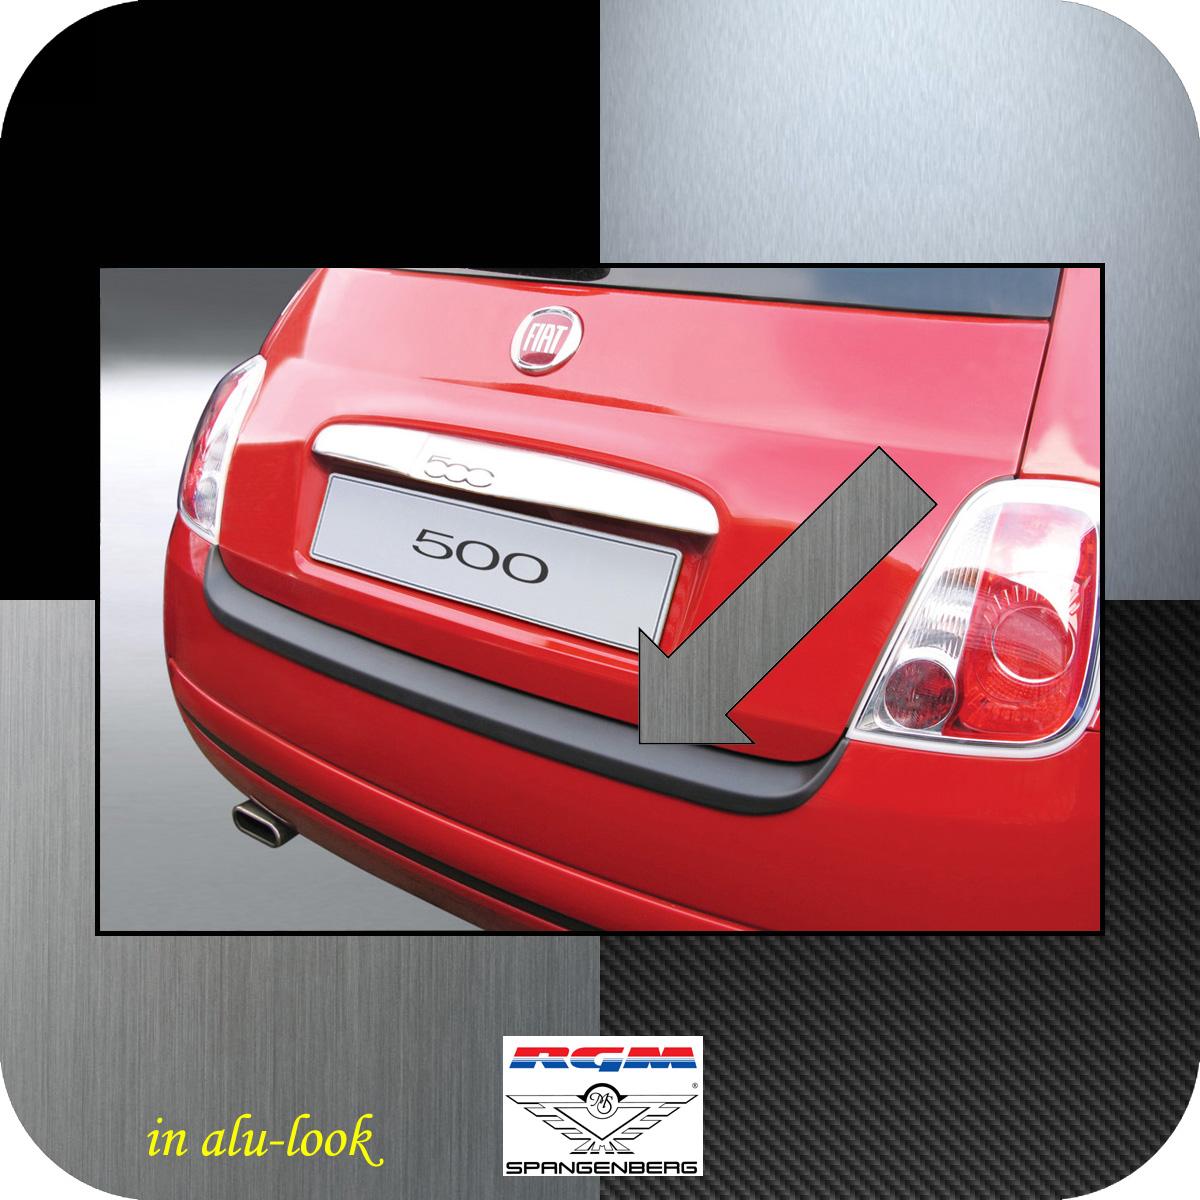 Ladekantenschutz Alu-Look Fiat 500 auch Cabrio vor Mopf 2007-2015 3504135